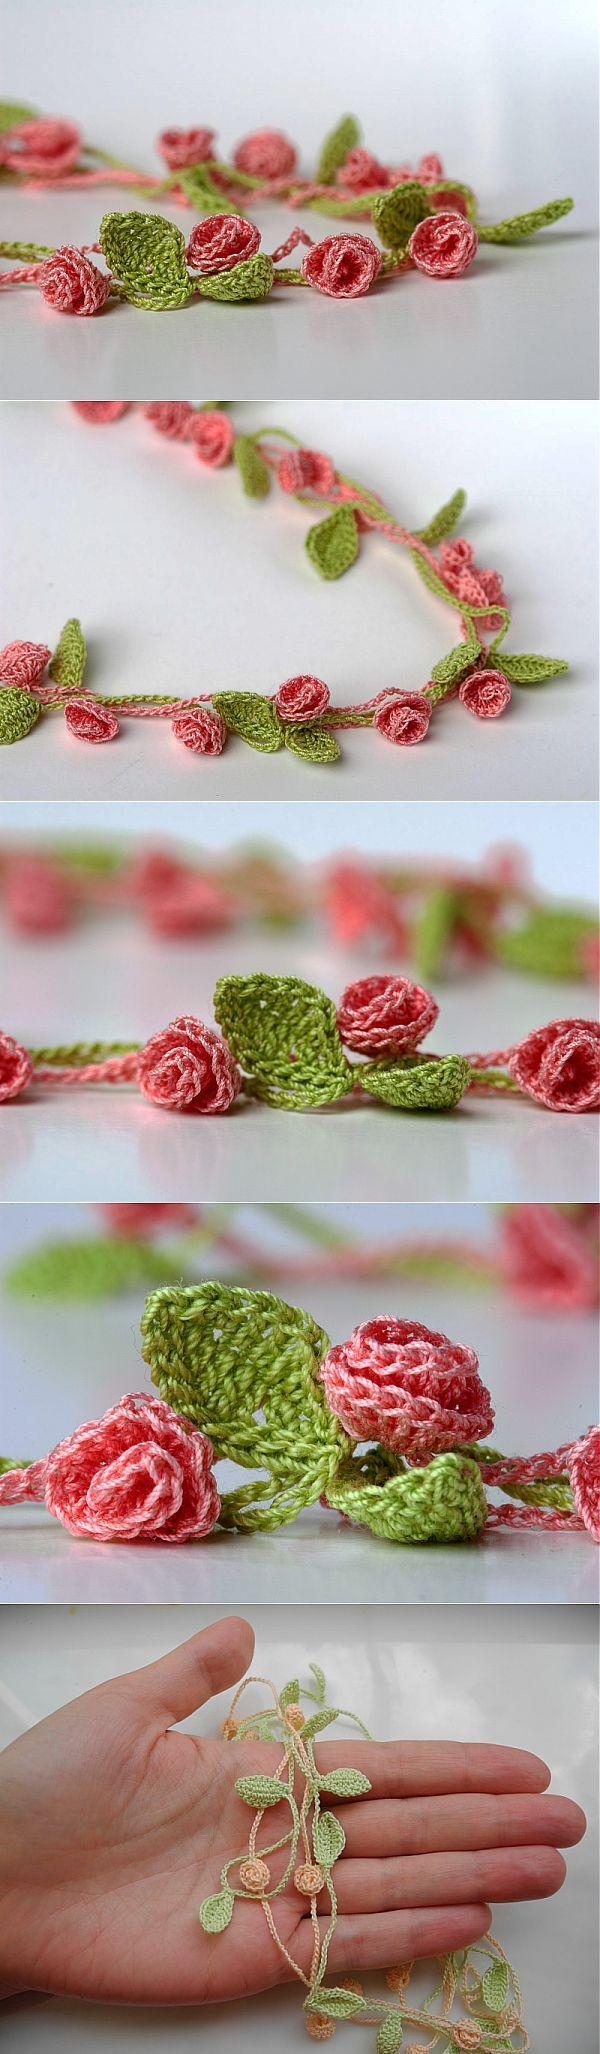 best d i y i d e a images on pinterest felt fabric felt